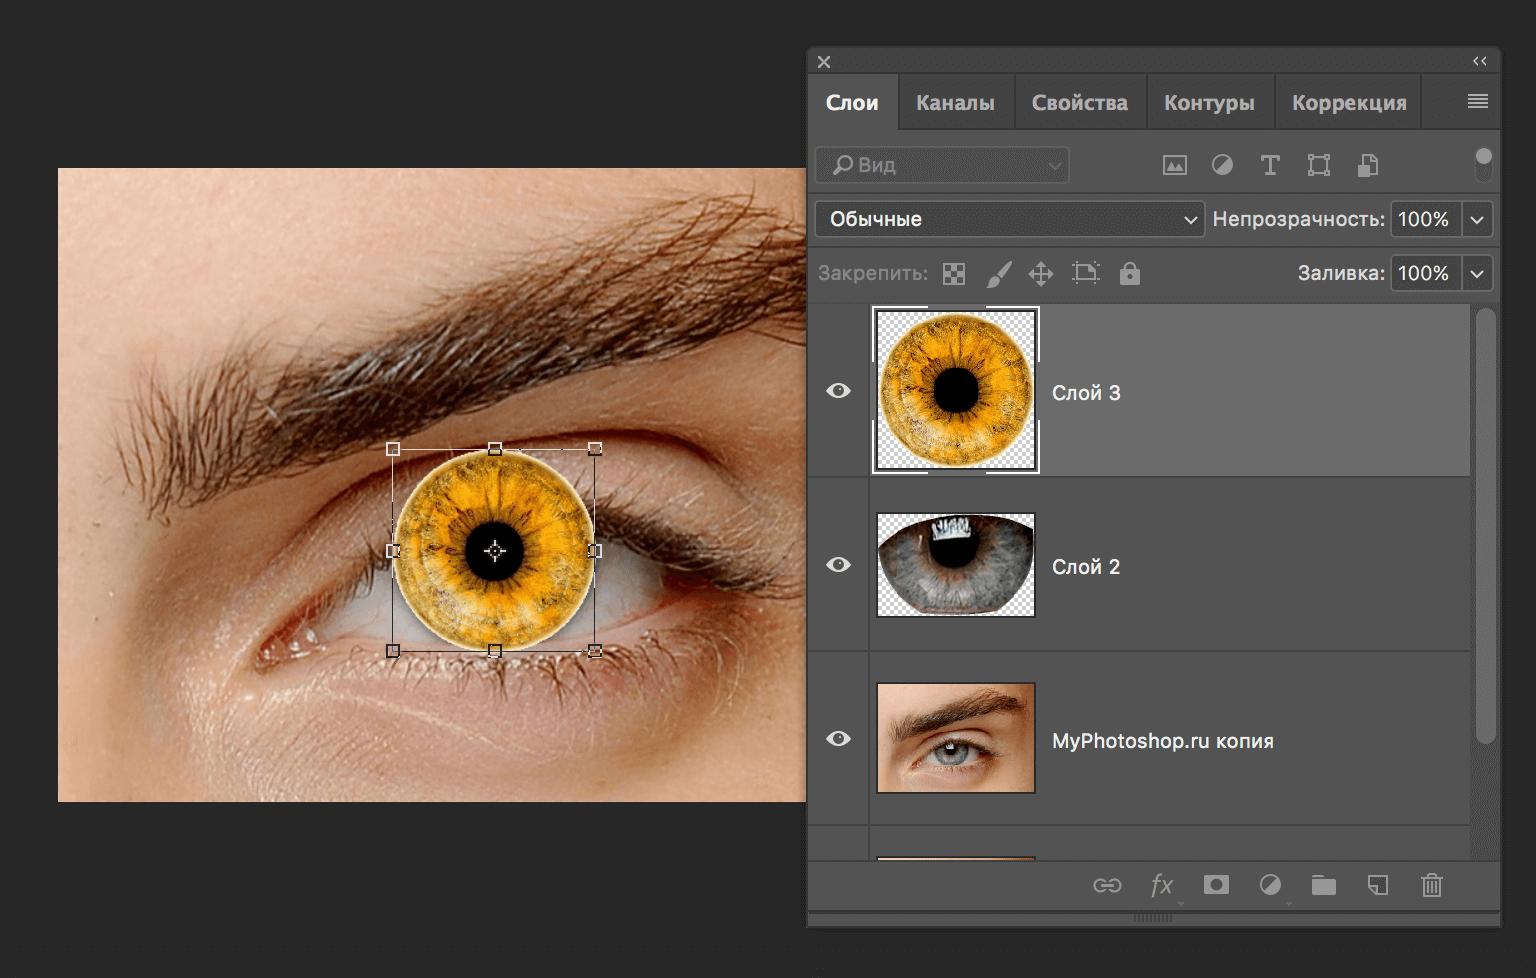 Четвертый способ: Замена текстуры радужки глаза